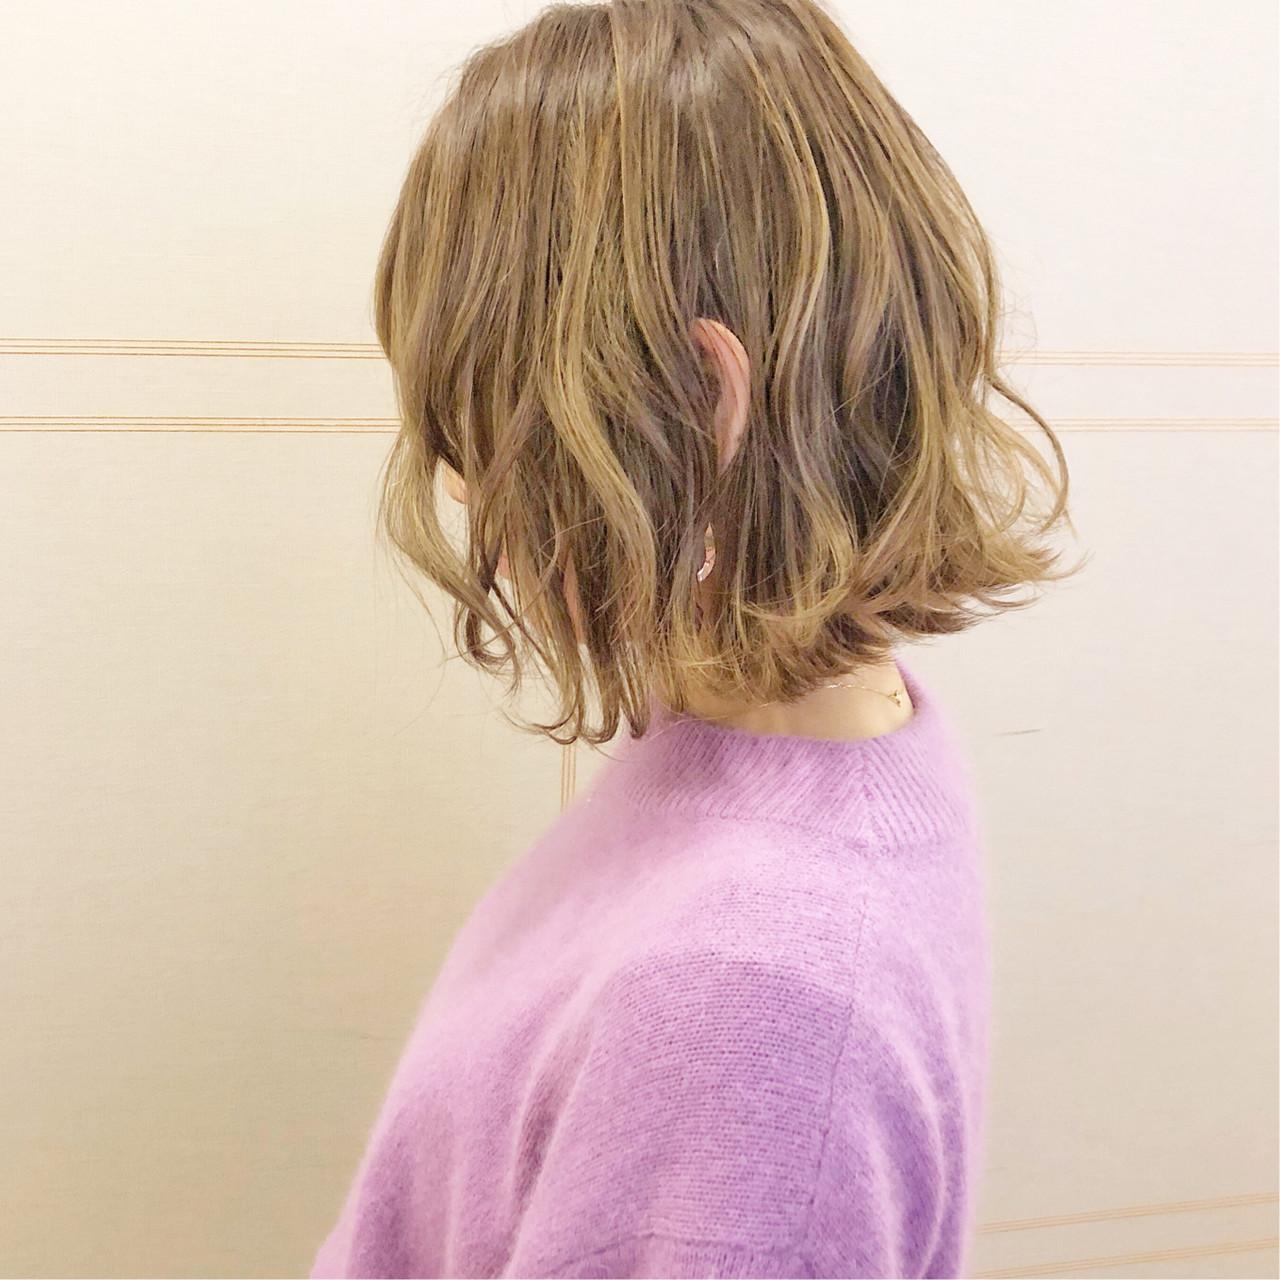 簡単ヘアアレンジ フェミニン 切りっぱなし ボブ ヘアスタイルや髪型の写真・画像 | 『ボブ美容師』永田邦彦 表参道 / send by HAIR